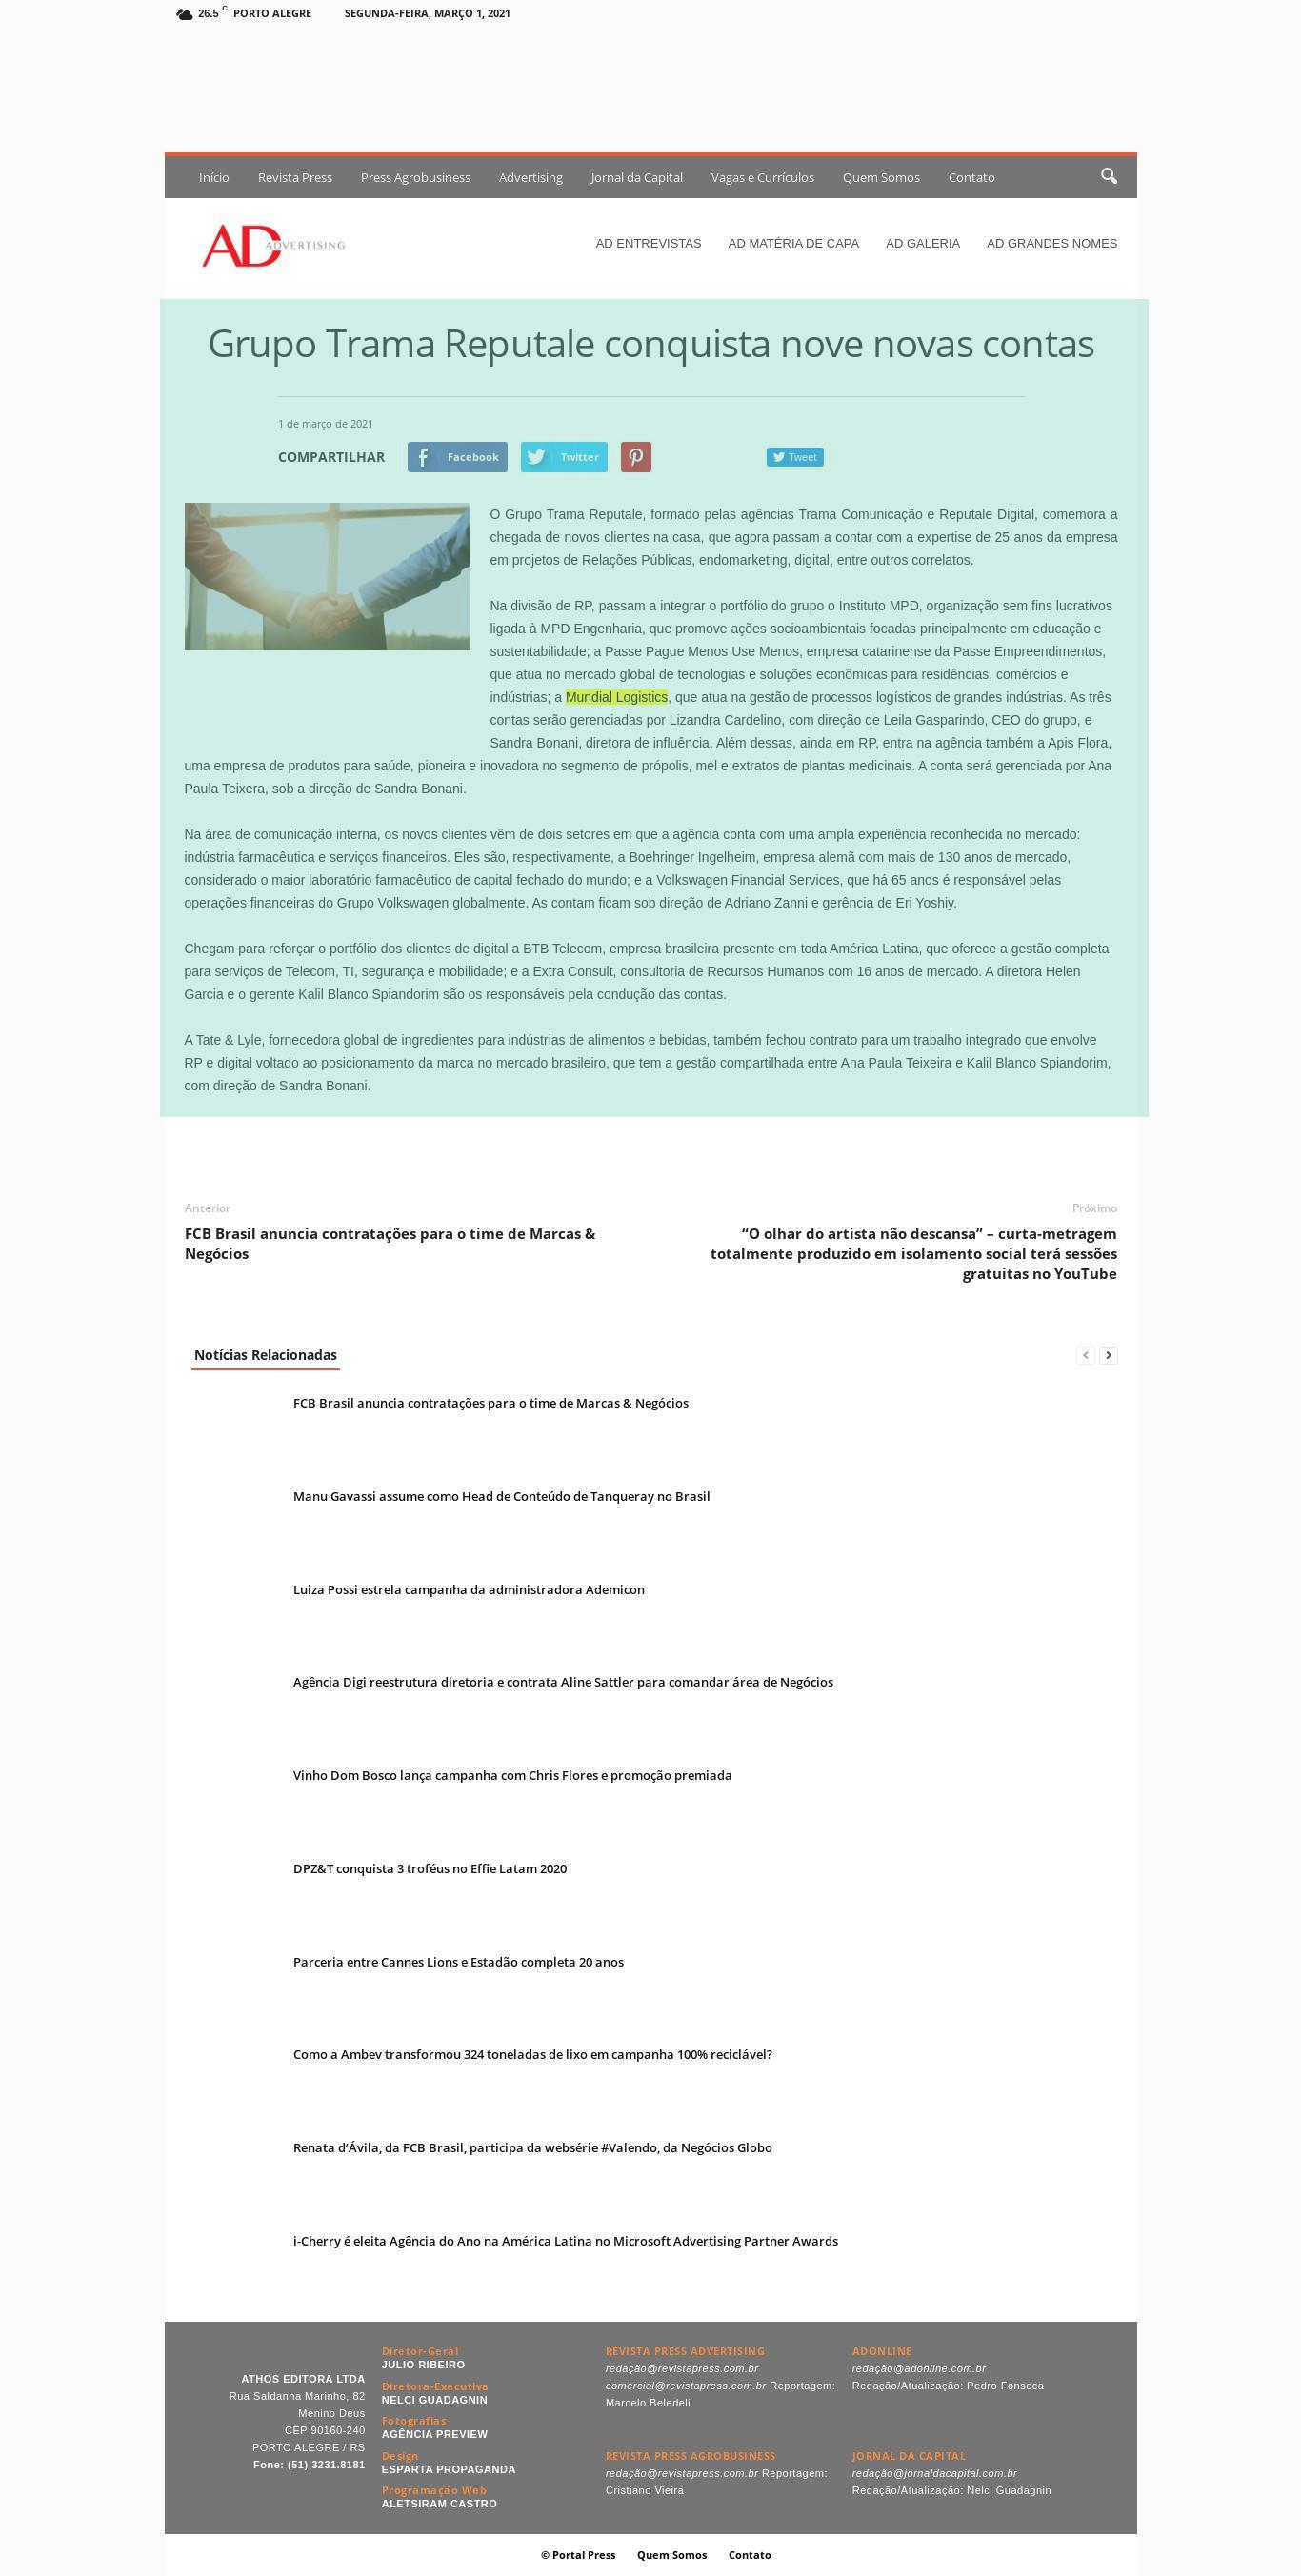 Grupo Trama Reputale conquista nove novas contas - Ad Online